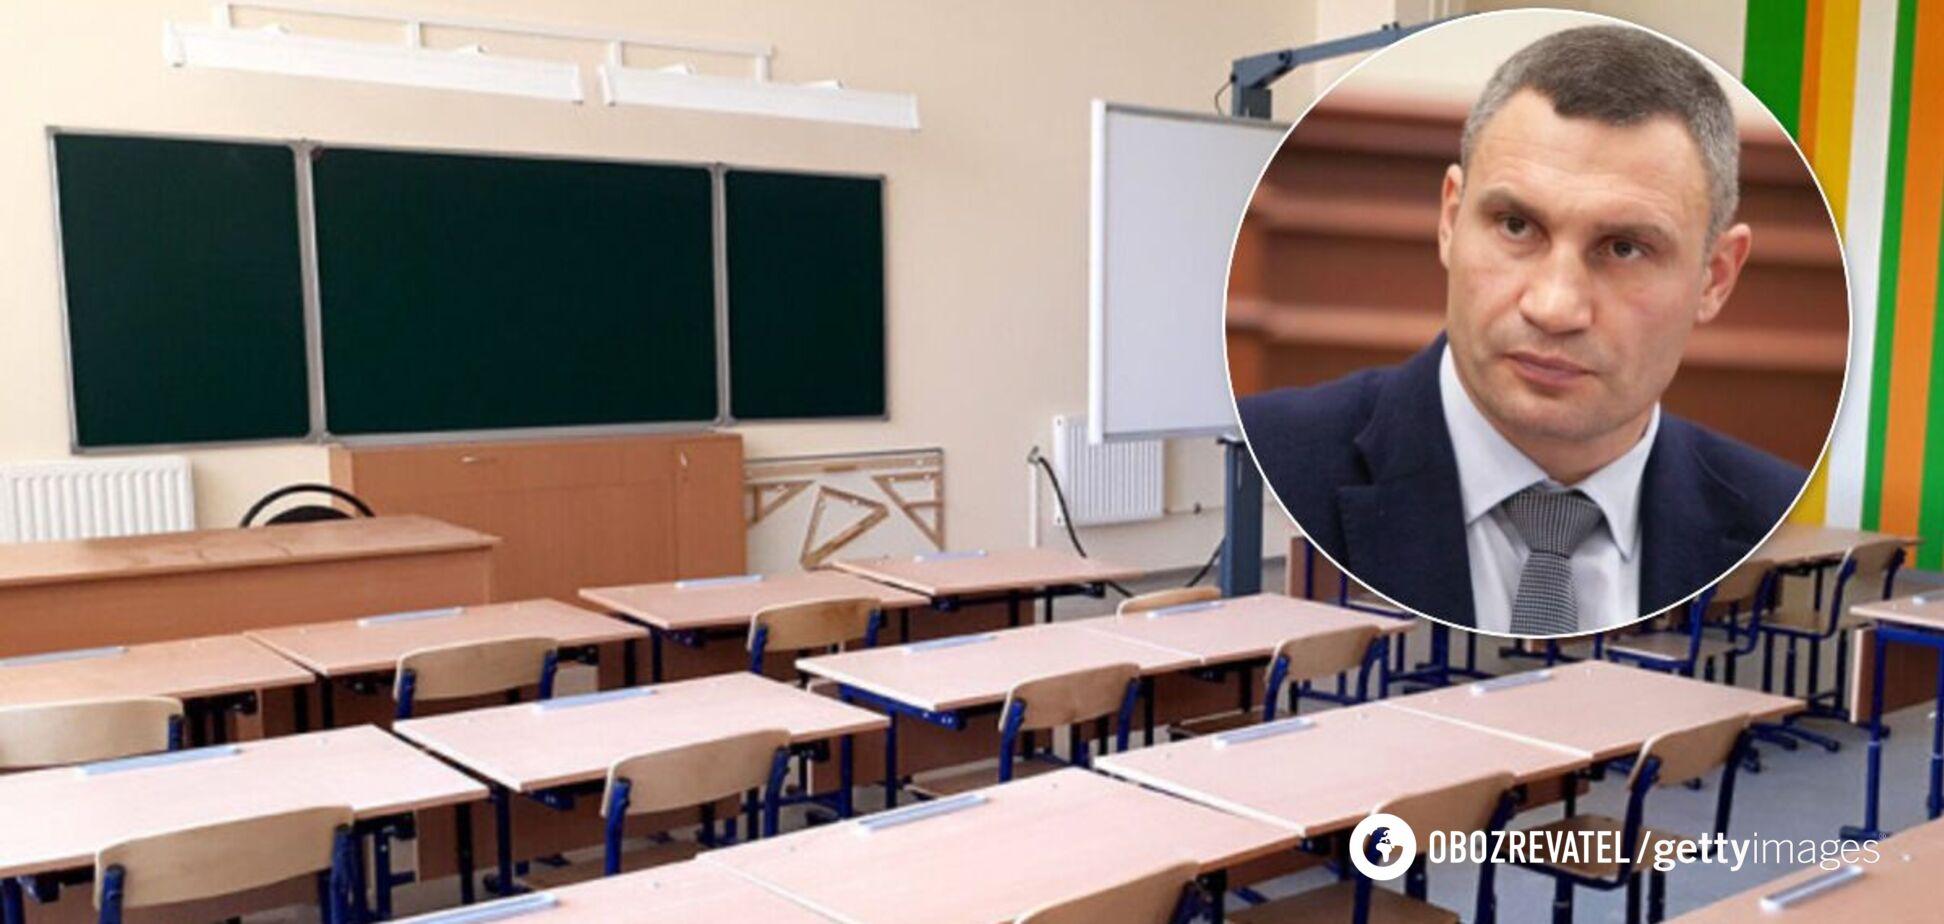 Кличко рассказал, как школы в Киеве будут работать с 1 сентября